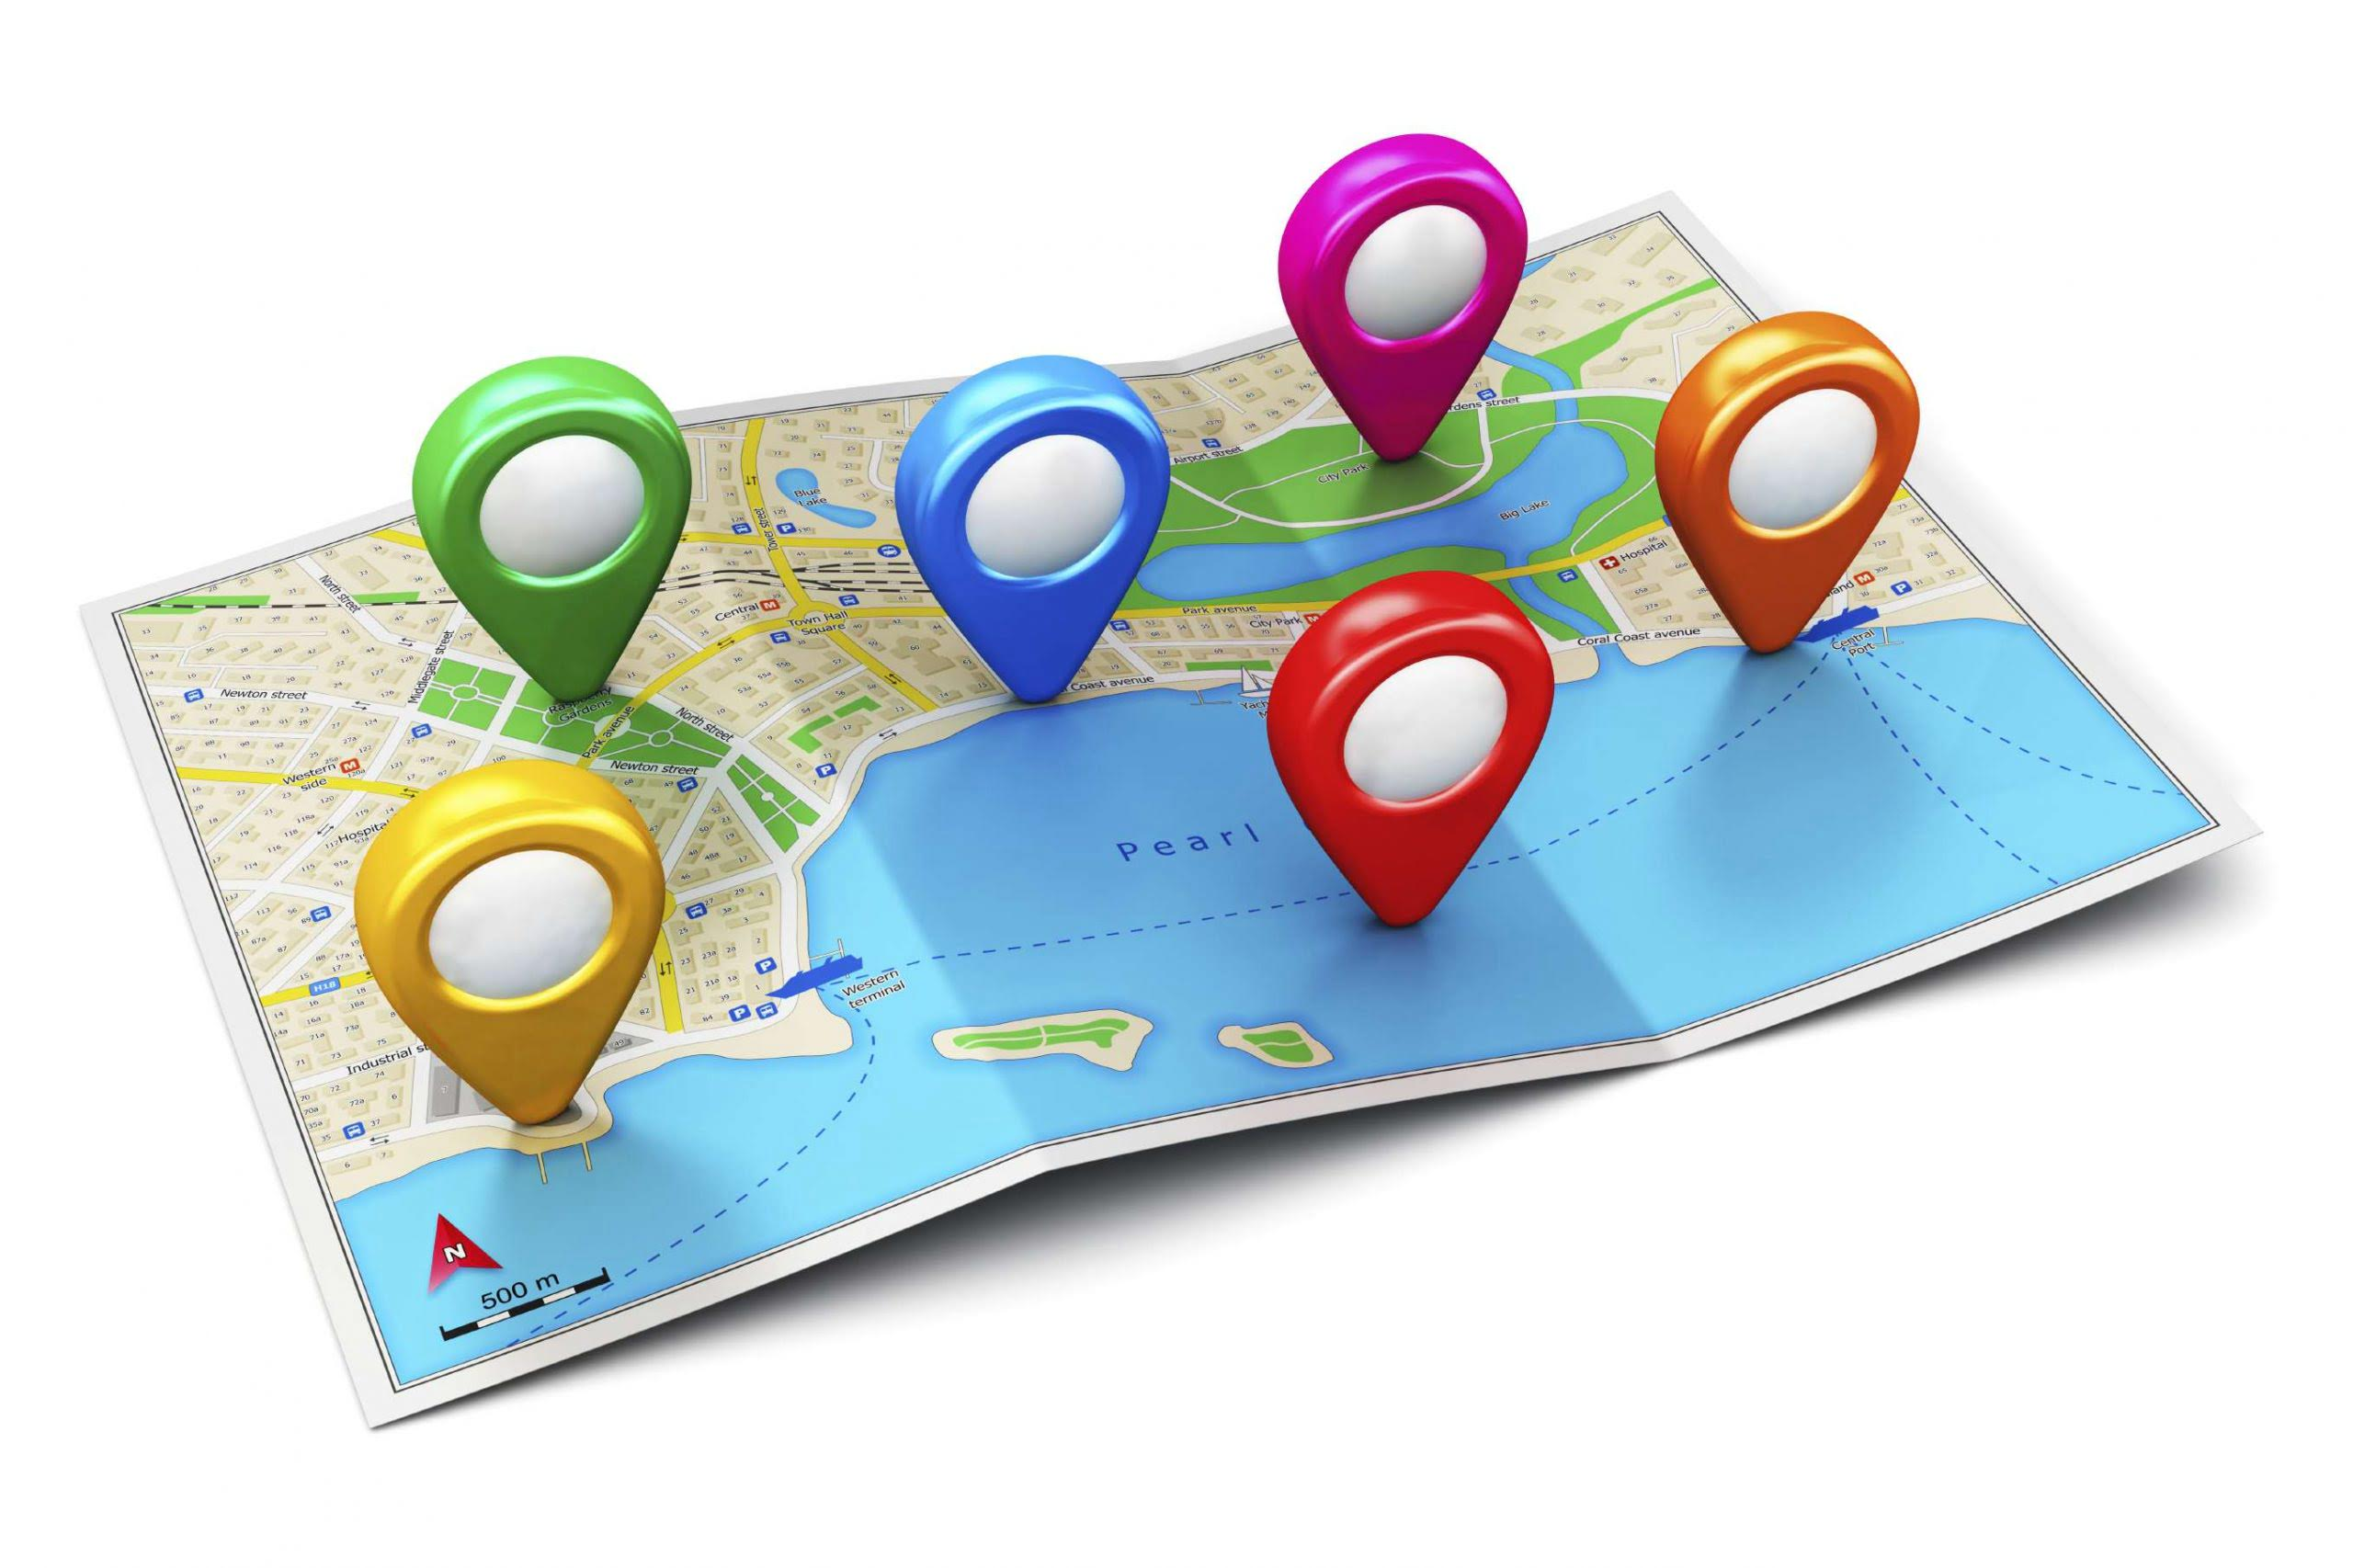 Бесплатные способы продвижения бизнеса: 2GIS